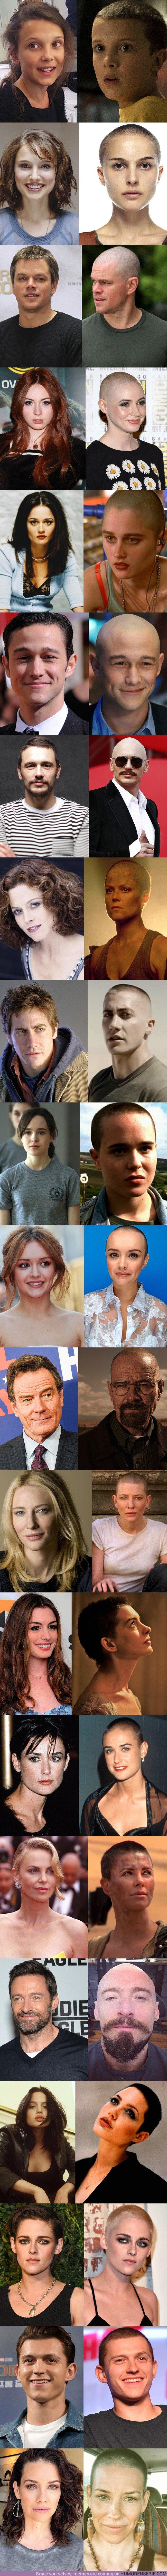 43708 - GALERÍA: Estrellas de Hollywood que nos sorprendieron rapándose el pelo